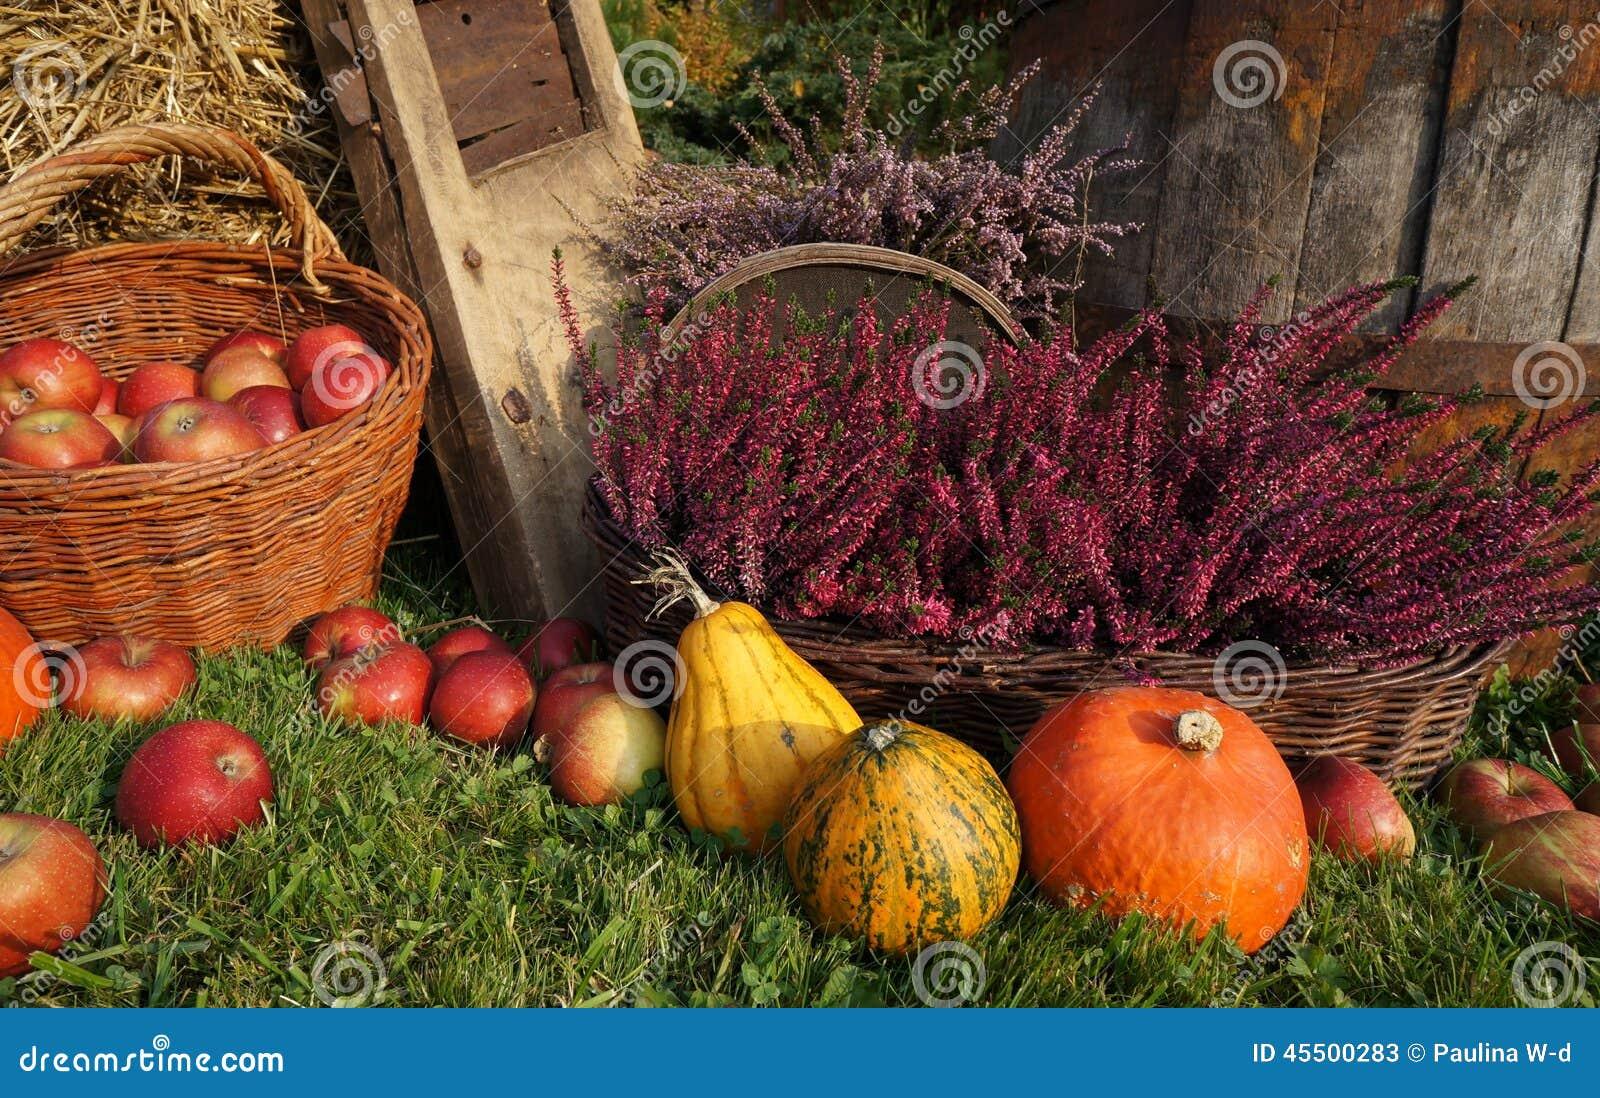 Η διακόσμηση φθινοπώρου, κολοκύθες, κολοκύνθη, ερείκη ανθίζει και ψάθινο καλάθι με τα μήλα